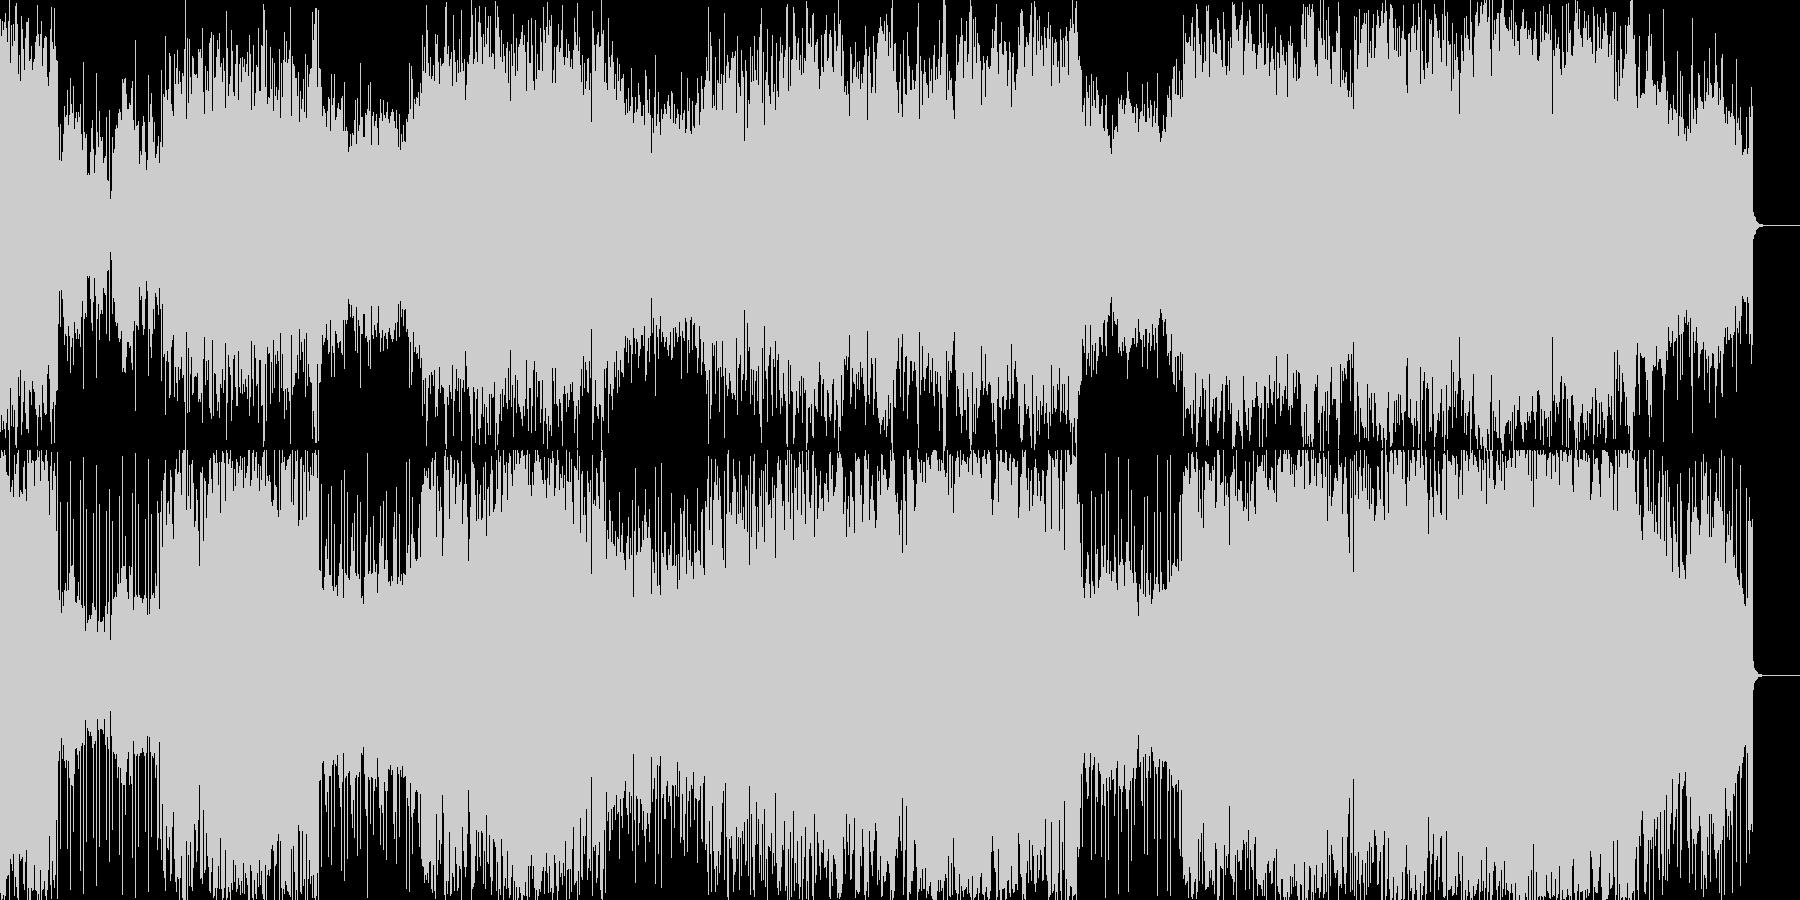 マジックショーのBGM。不思議な雰囲気の未再生の波形